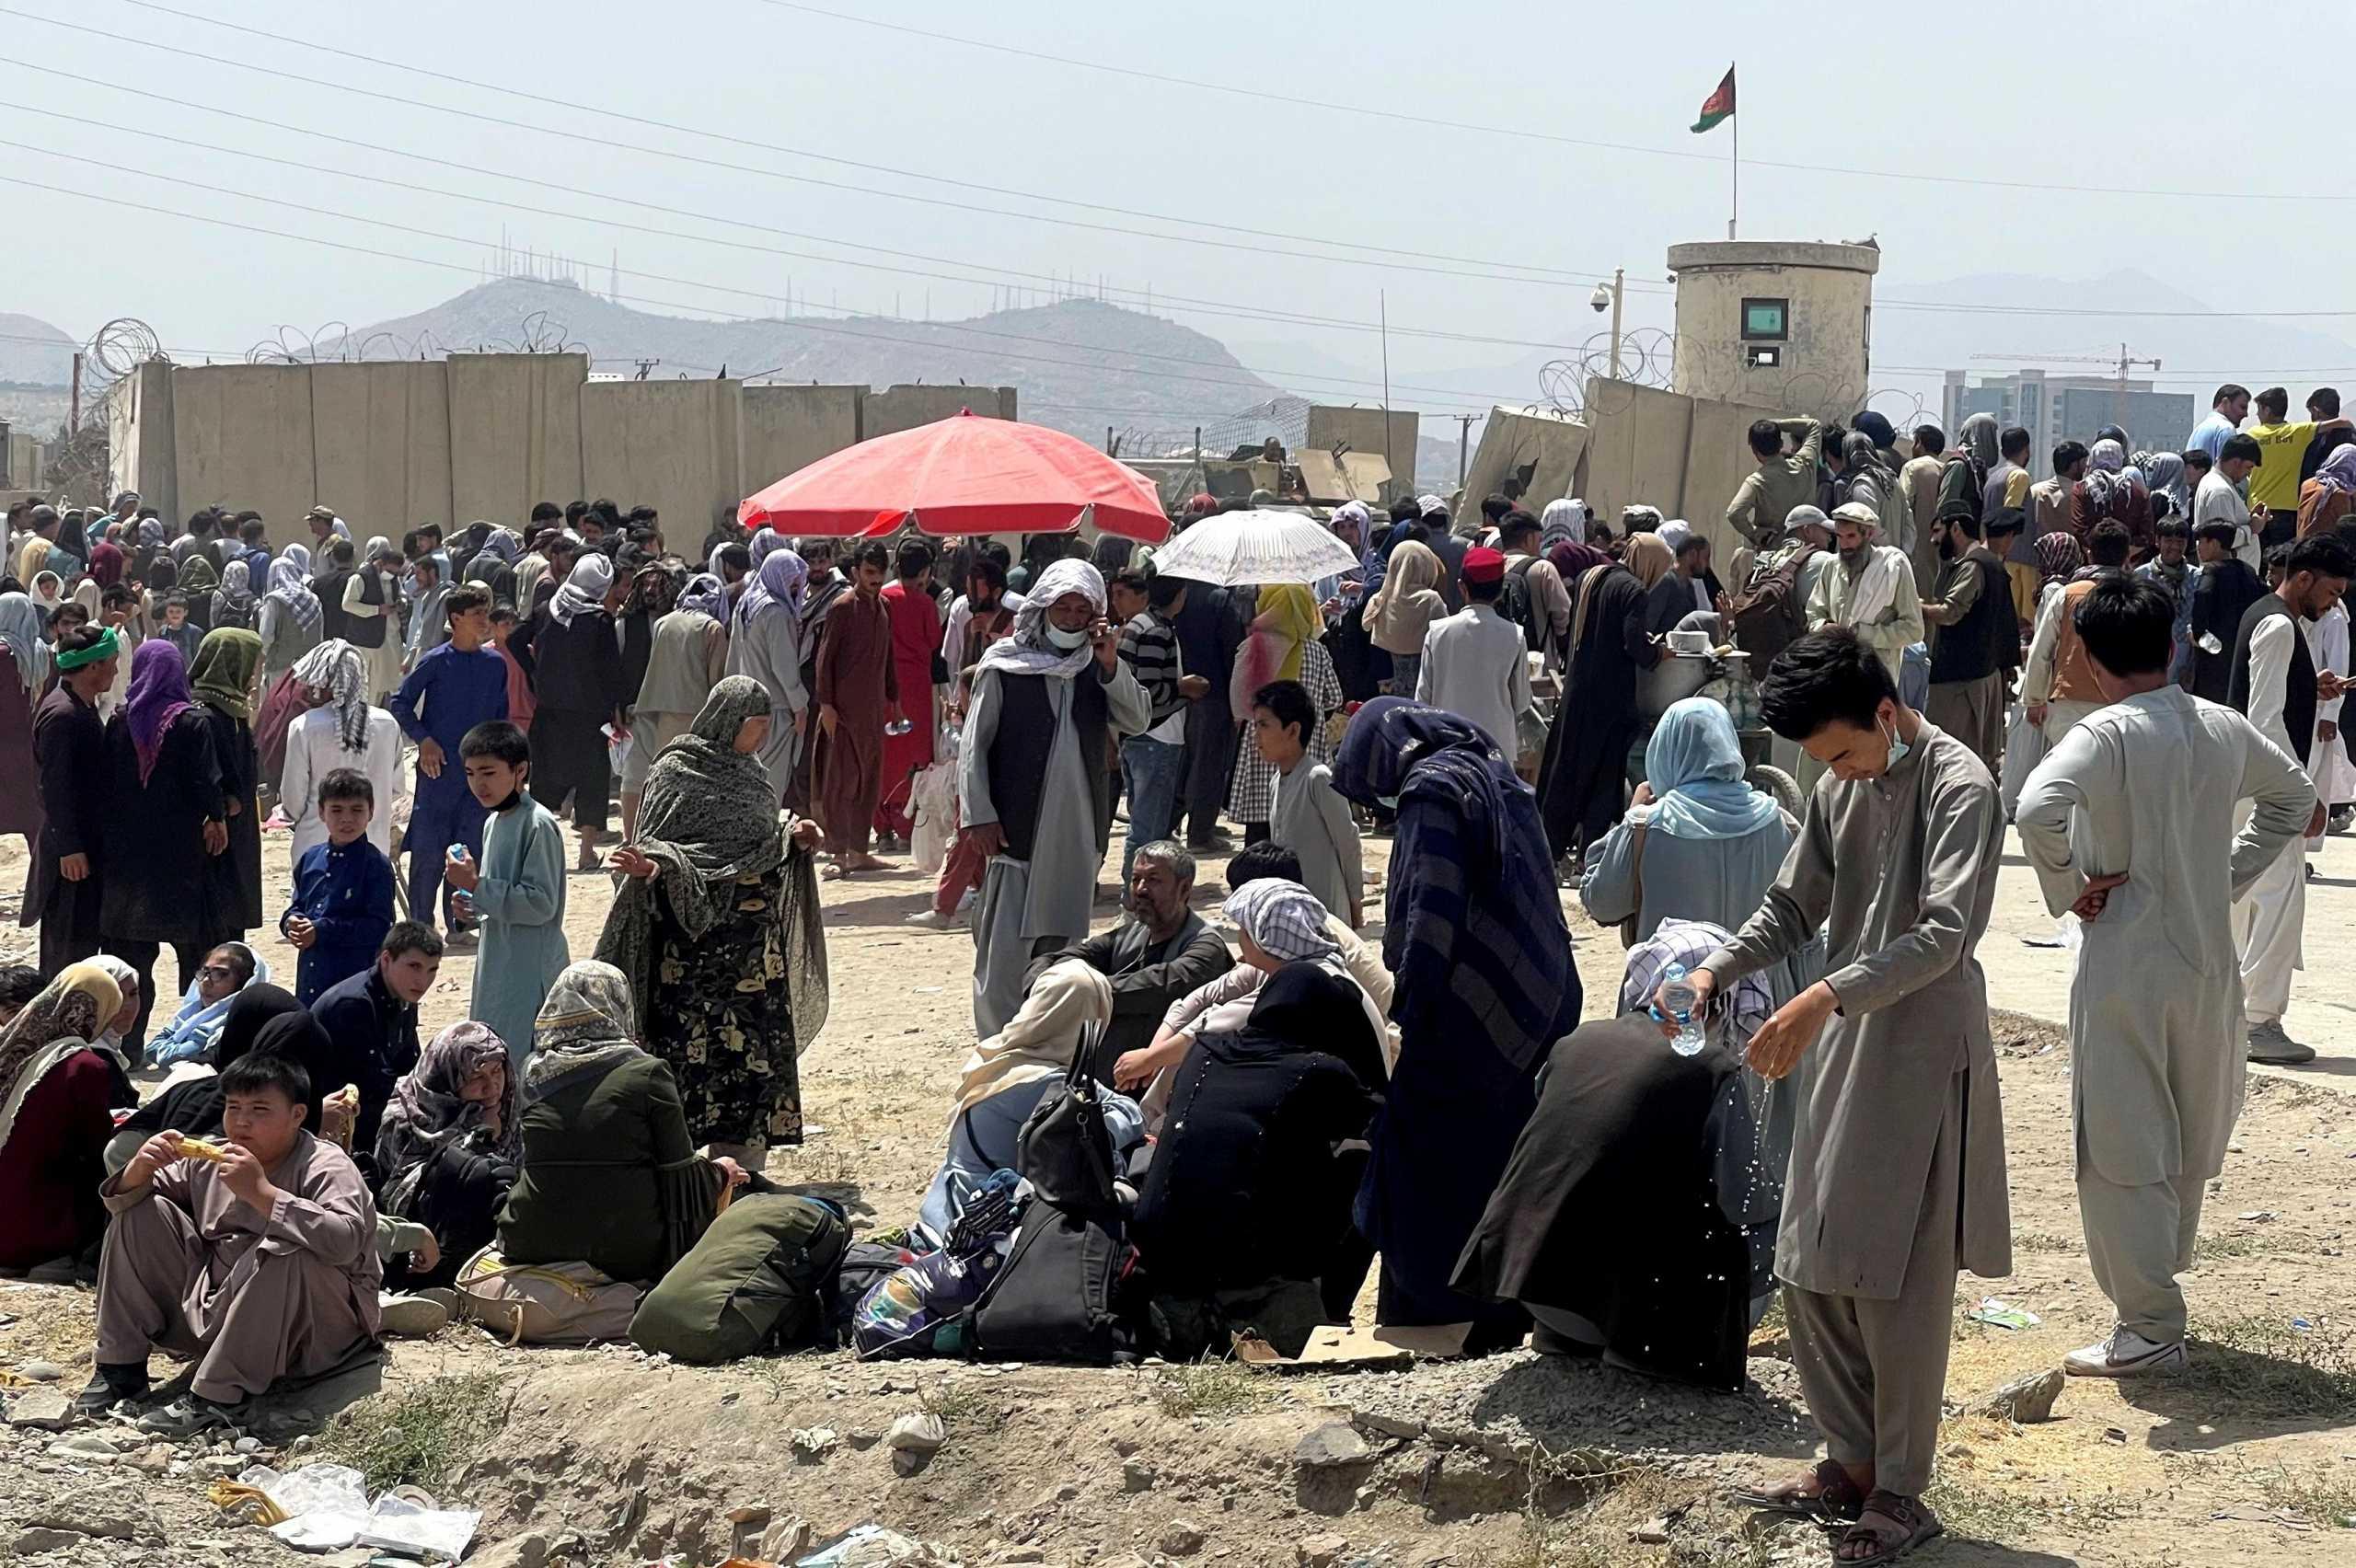 Αμερικανοί στρατιώτες έριξαν πυρά για να ελέγξουν το πλήθος στο αεροδρόμιο της Καμπούλ